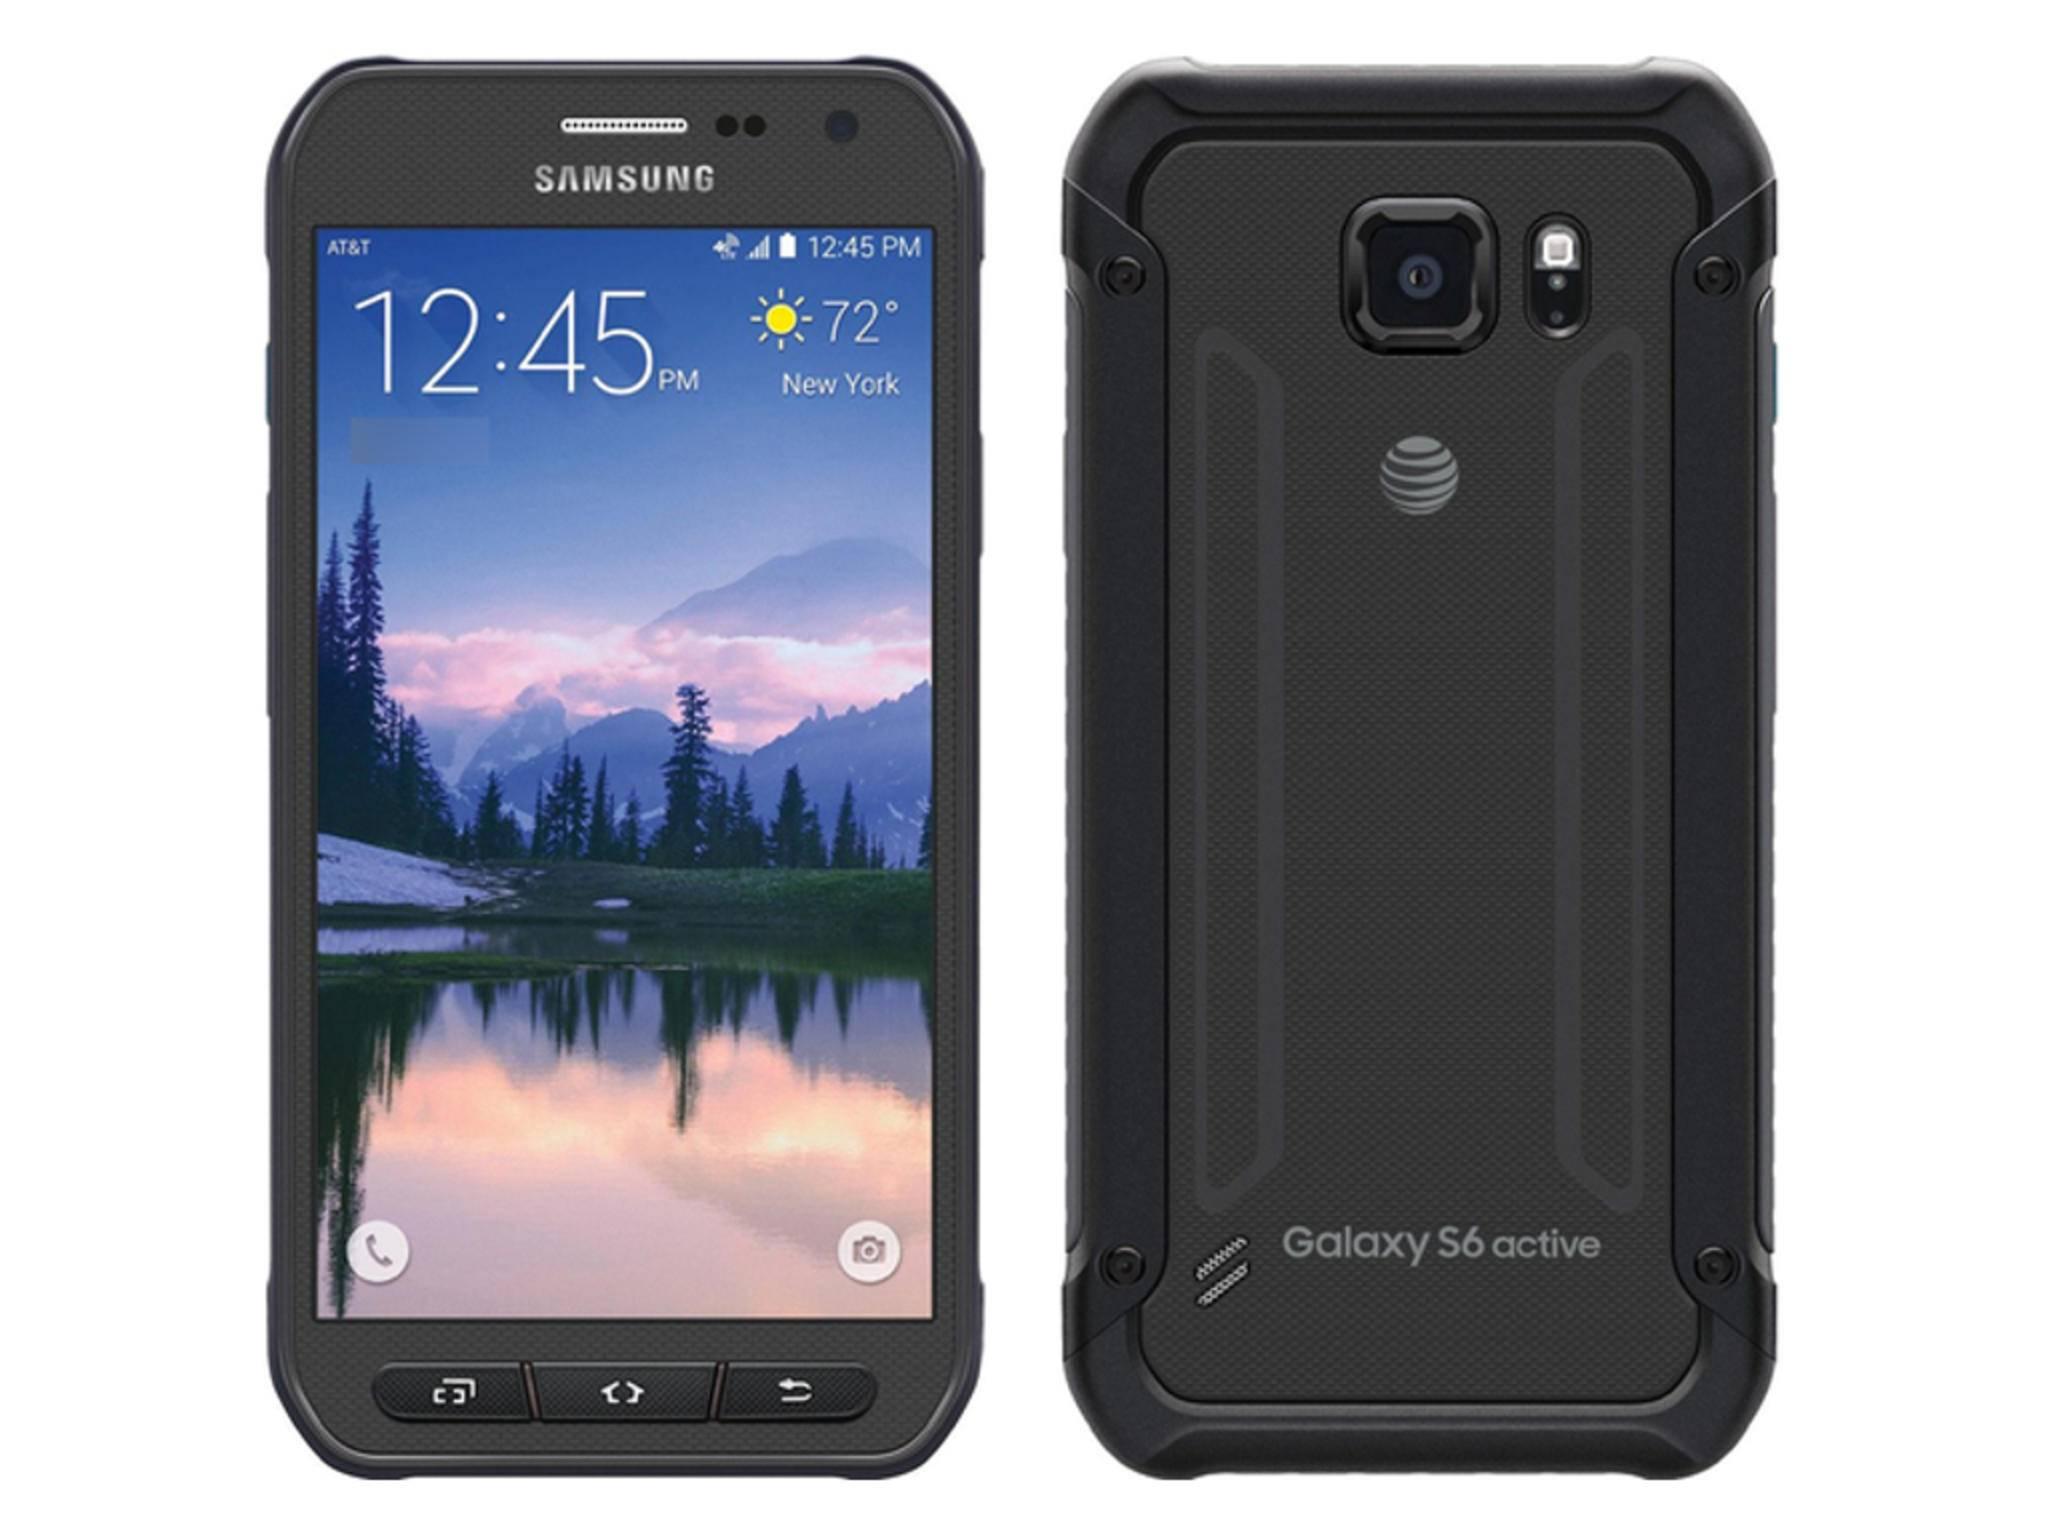 Samsung_GalaxyS6_Active